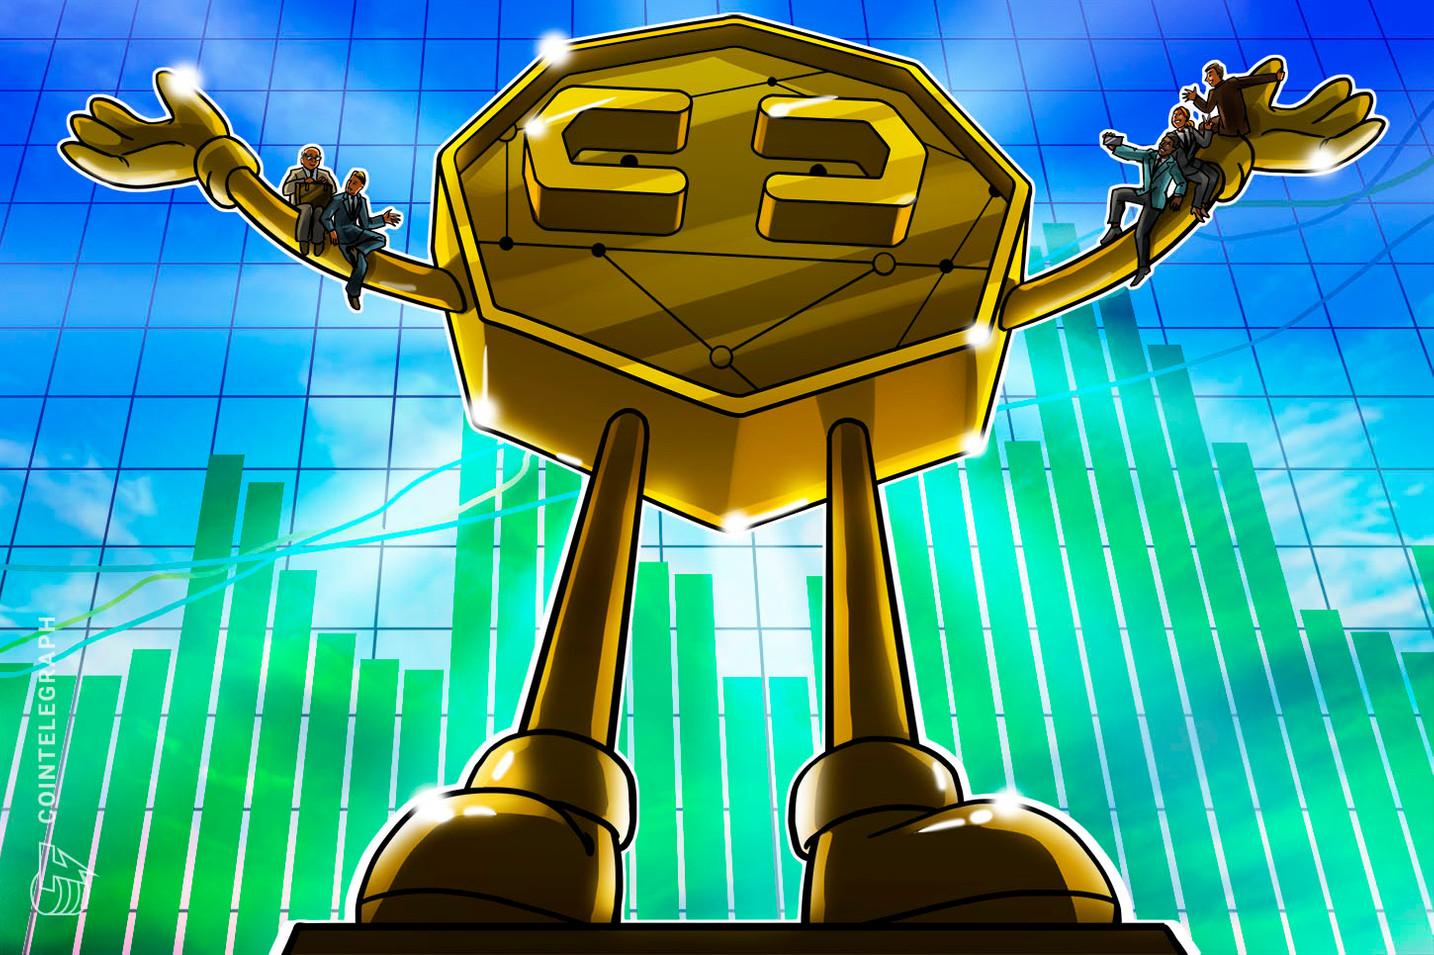 El precio de Bitcoin se mantiene por debajo de los USD 7,550 mientras las altcoins presentan ganancias moderadas